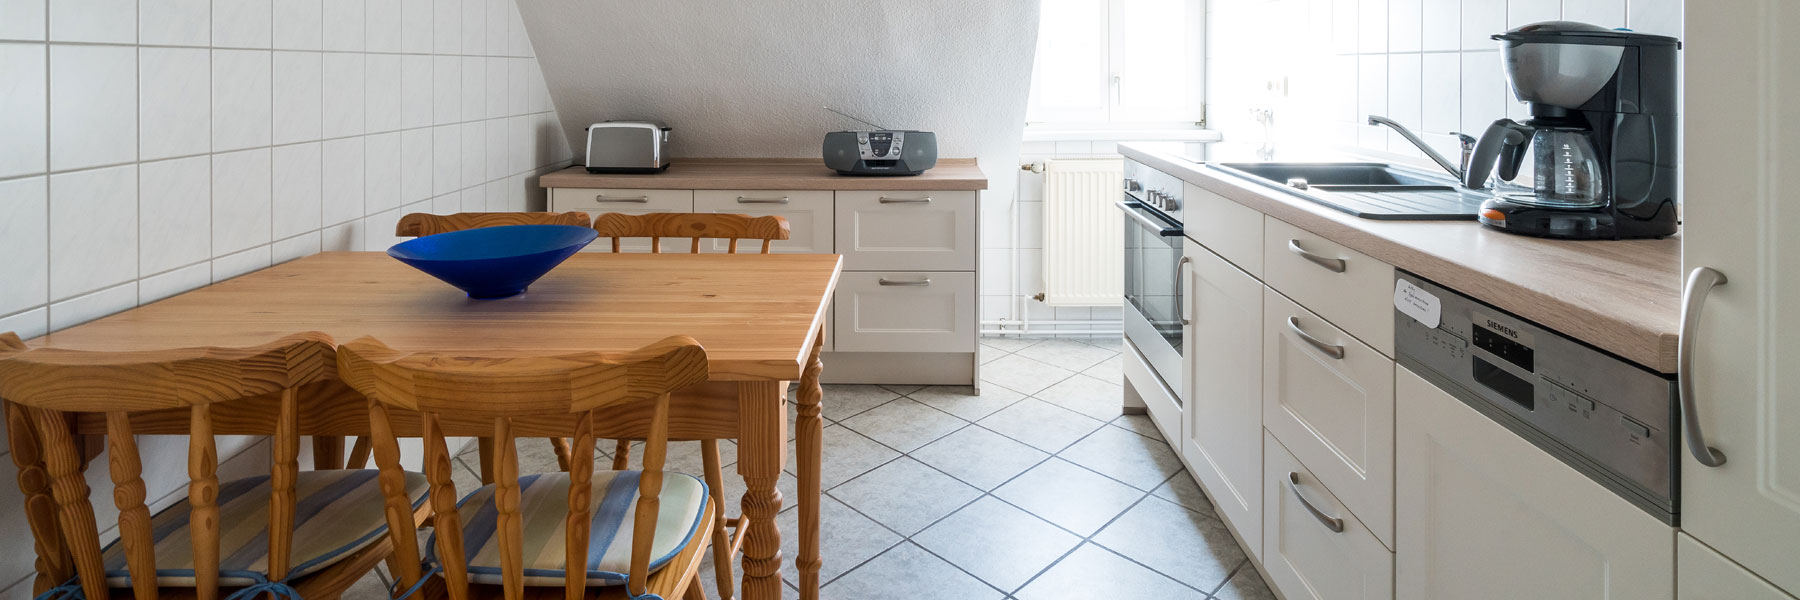 Küche - Ferienwohnungen Bork